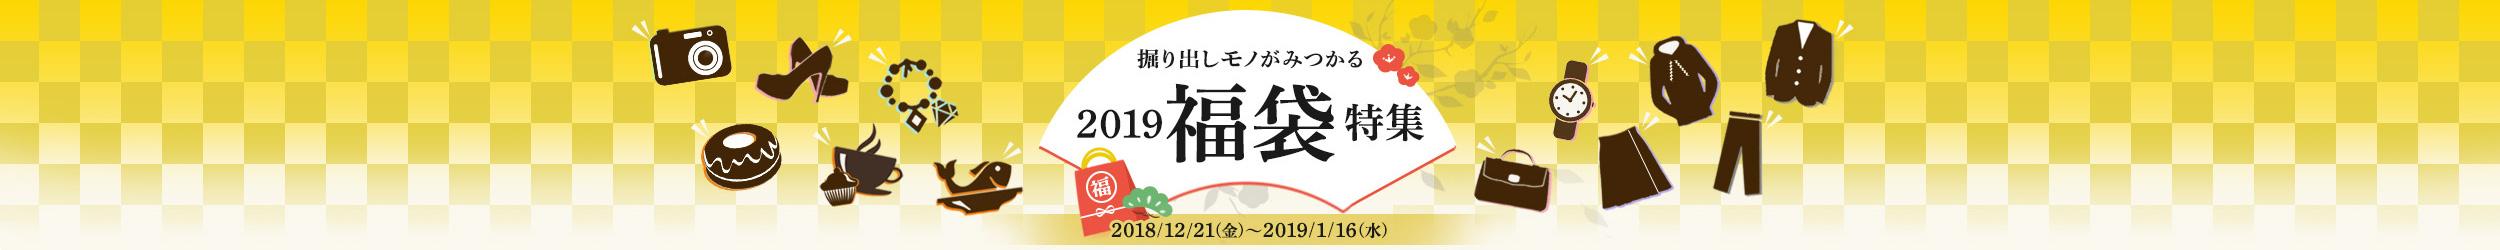 福袋特集 2019 人気の福袋が満載! - Yahoo!ショッピング